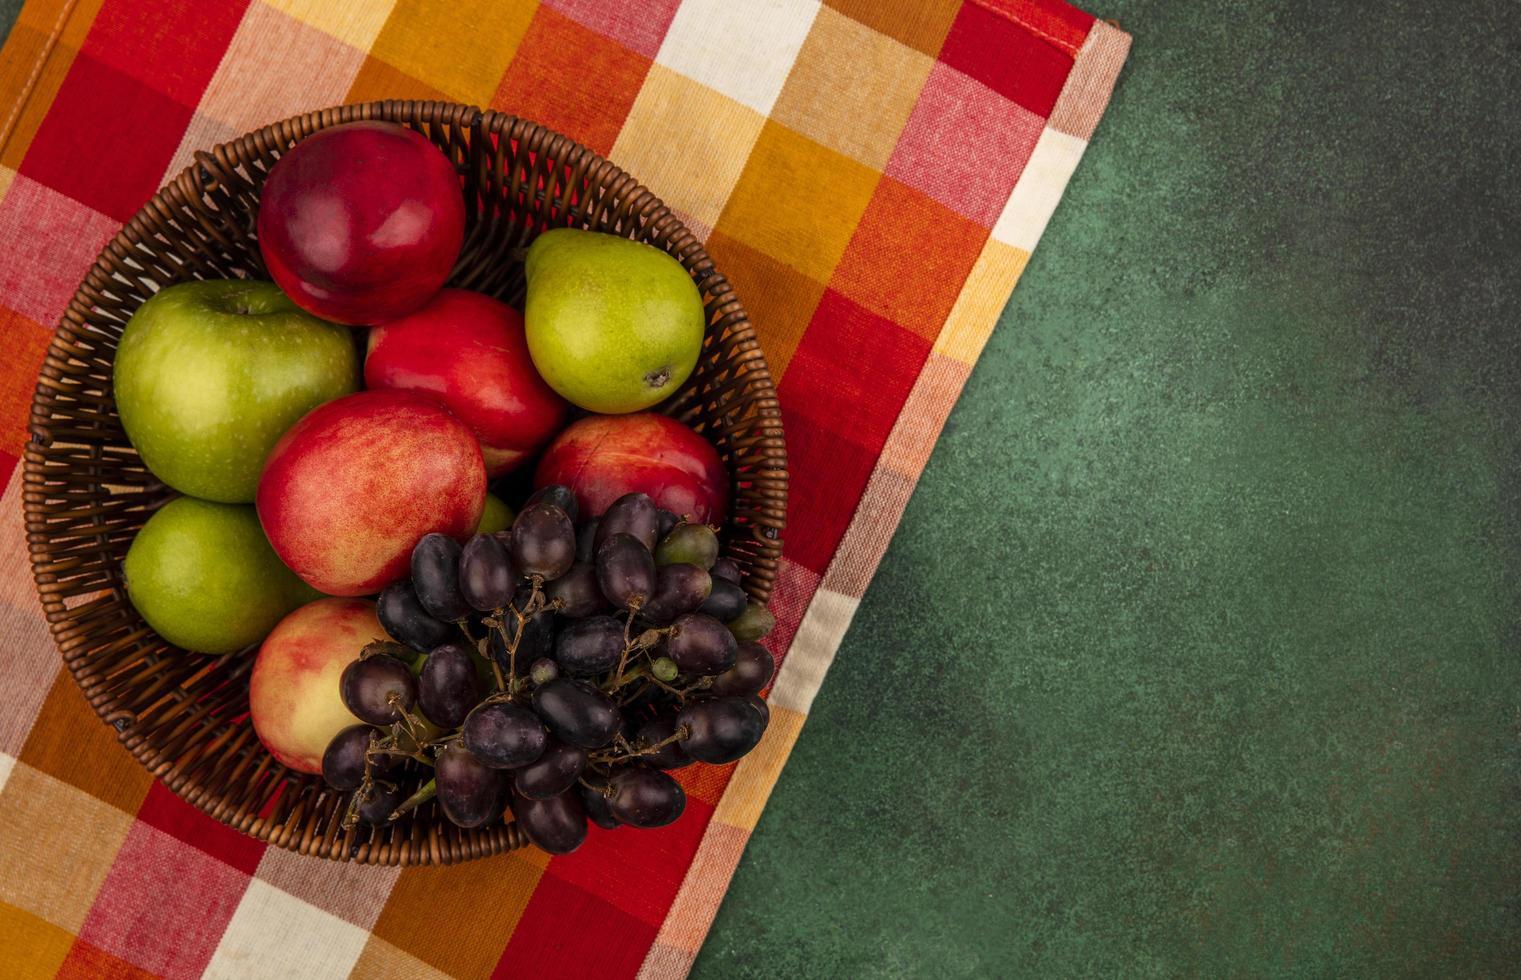 blandad frukt på stiliserad mitt på hösten bakgrund foto